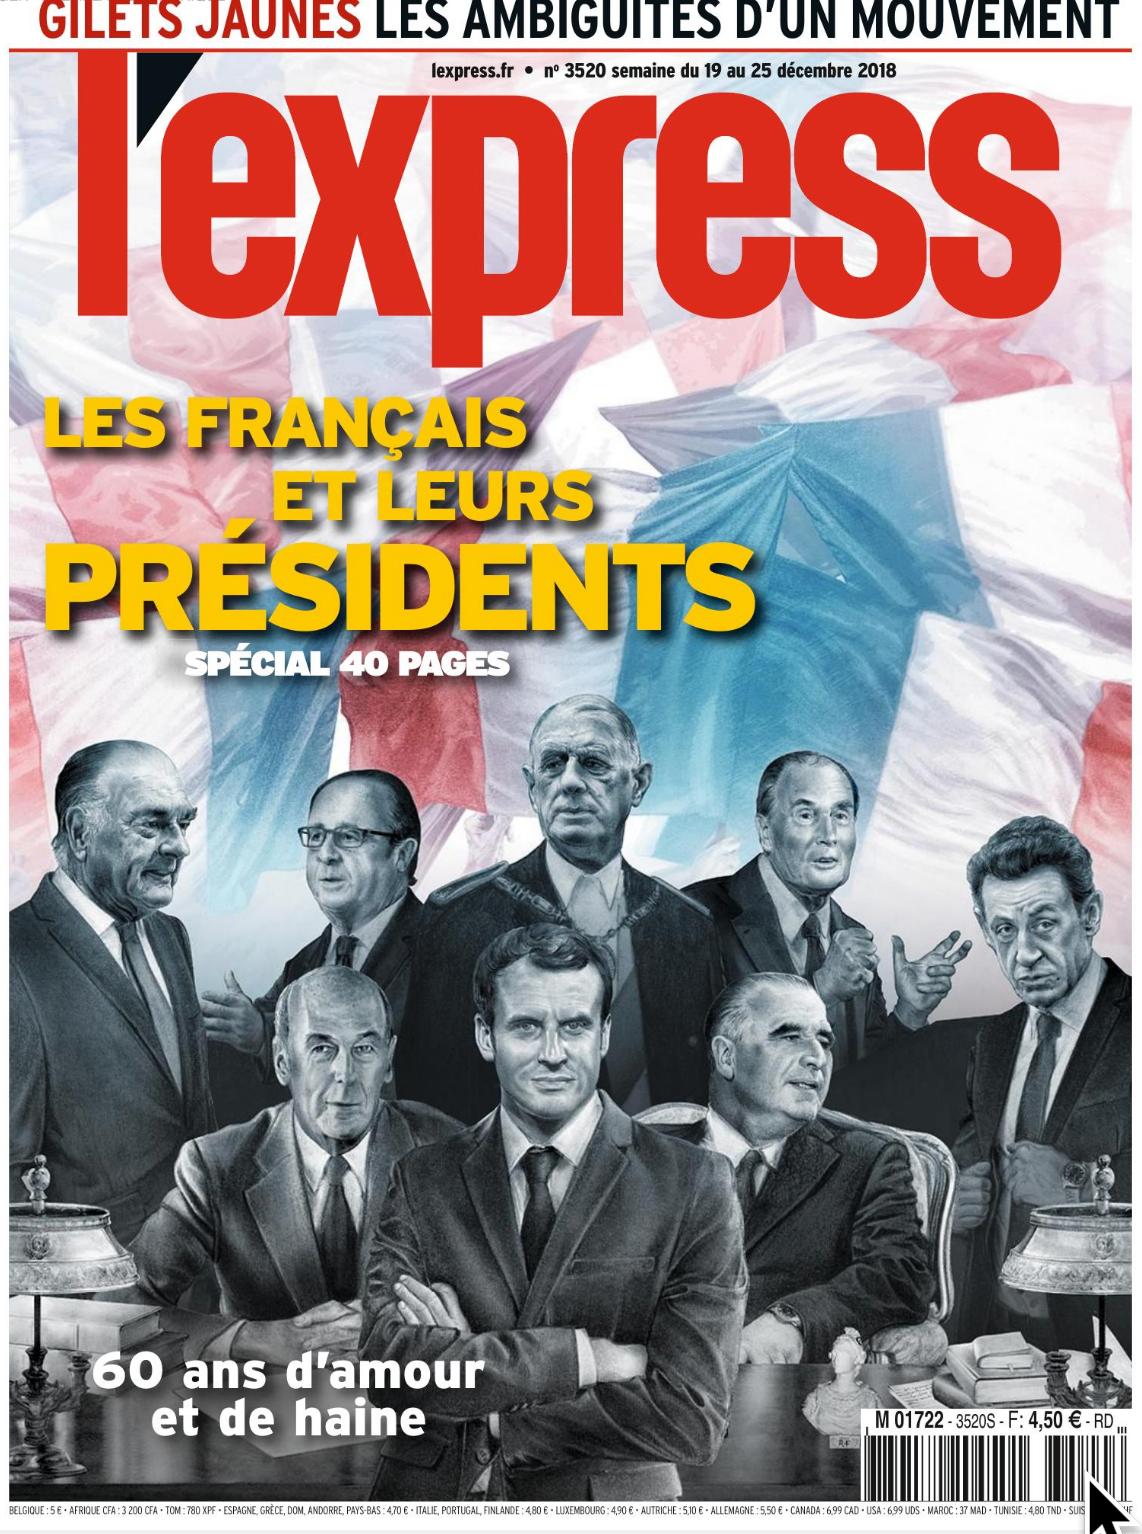 Bernard Cazeneuve se voit en sauveur de la gauche; 10 policiers en plus pour discipliner les journalistes qui suivent Macron; Islam politique : l'Arabie saoudite et la Turquie attirent les étudiants africains à coup de bourse; S. Royal veut de l'humilité